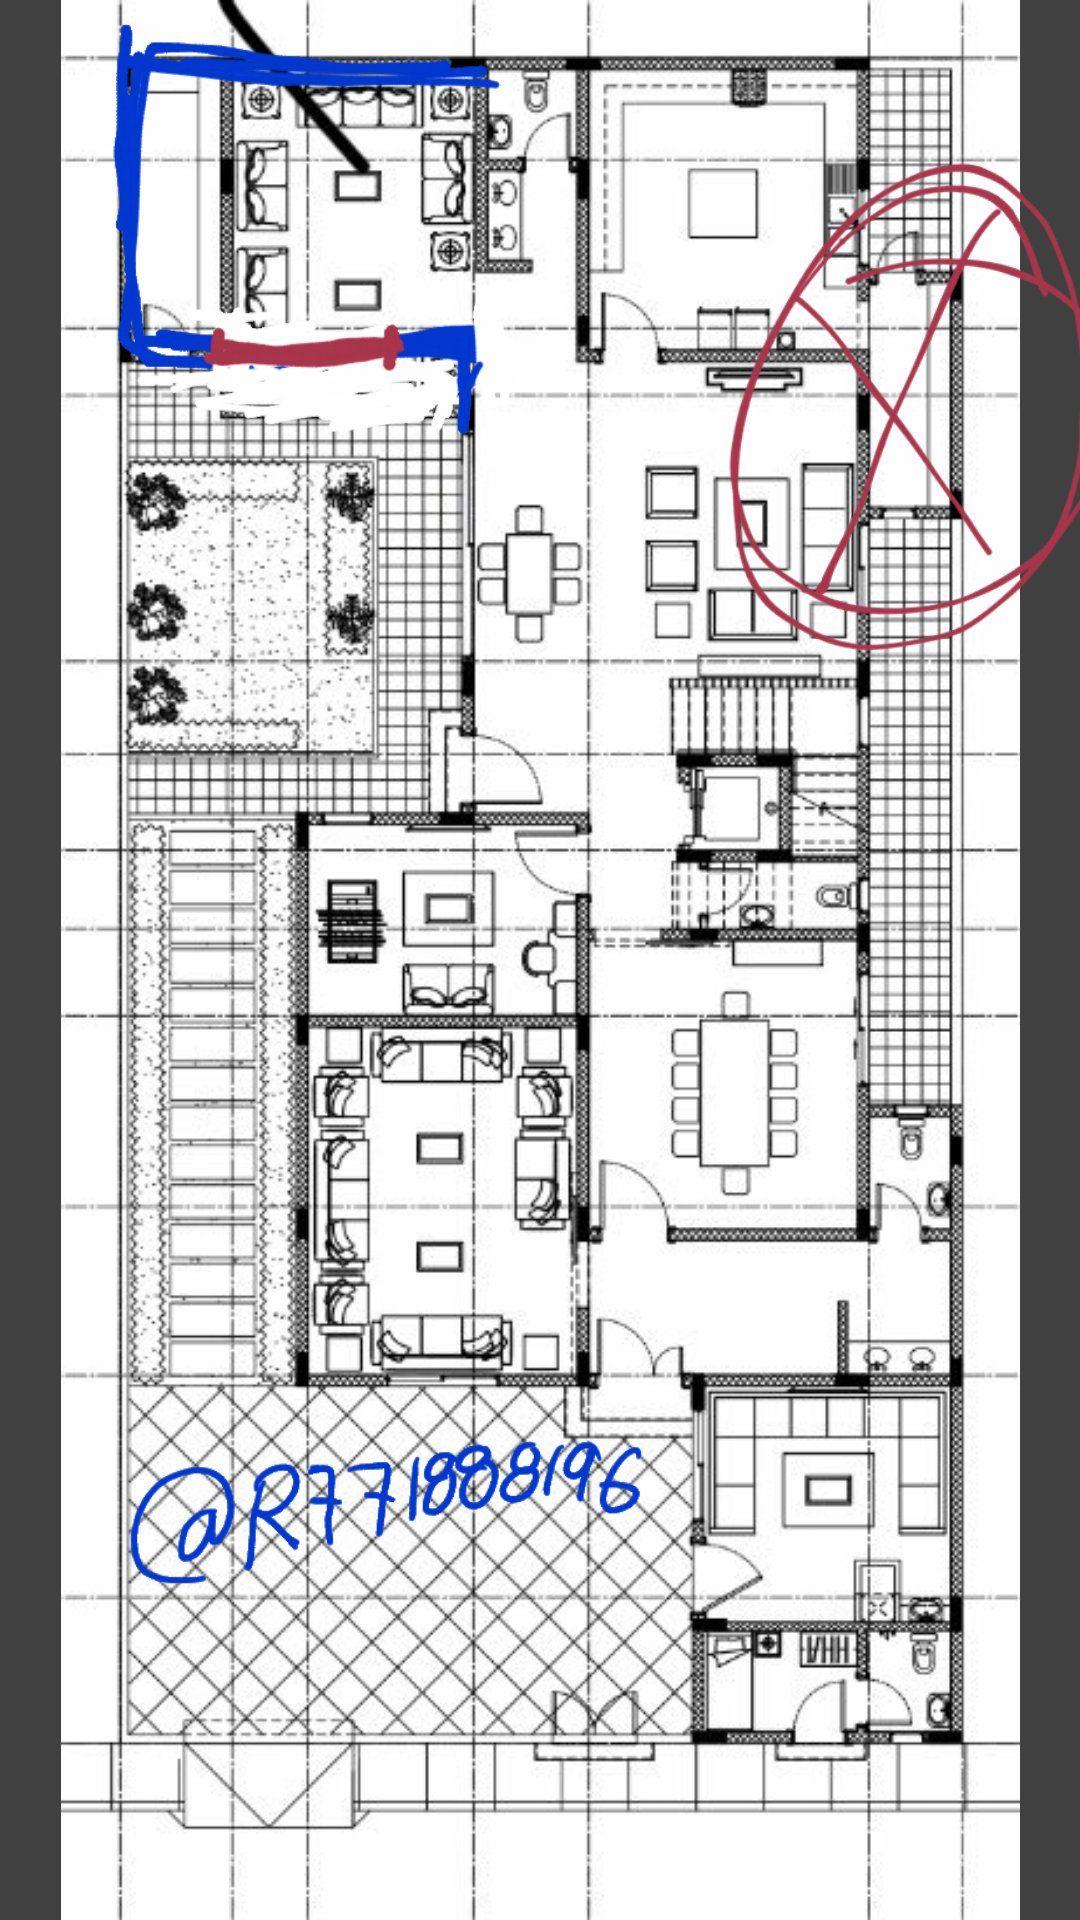 المهندس رشيد السامعي للتصاميم والدراسات الهندسية لطلب تصاميم ومخططات التواصل على رقم الوتس تيلجرام ايمو 00967771888196 Diagram Floor Plans